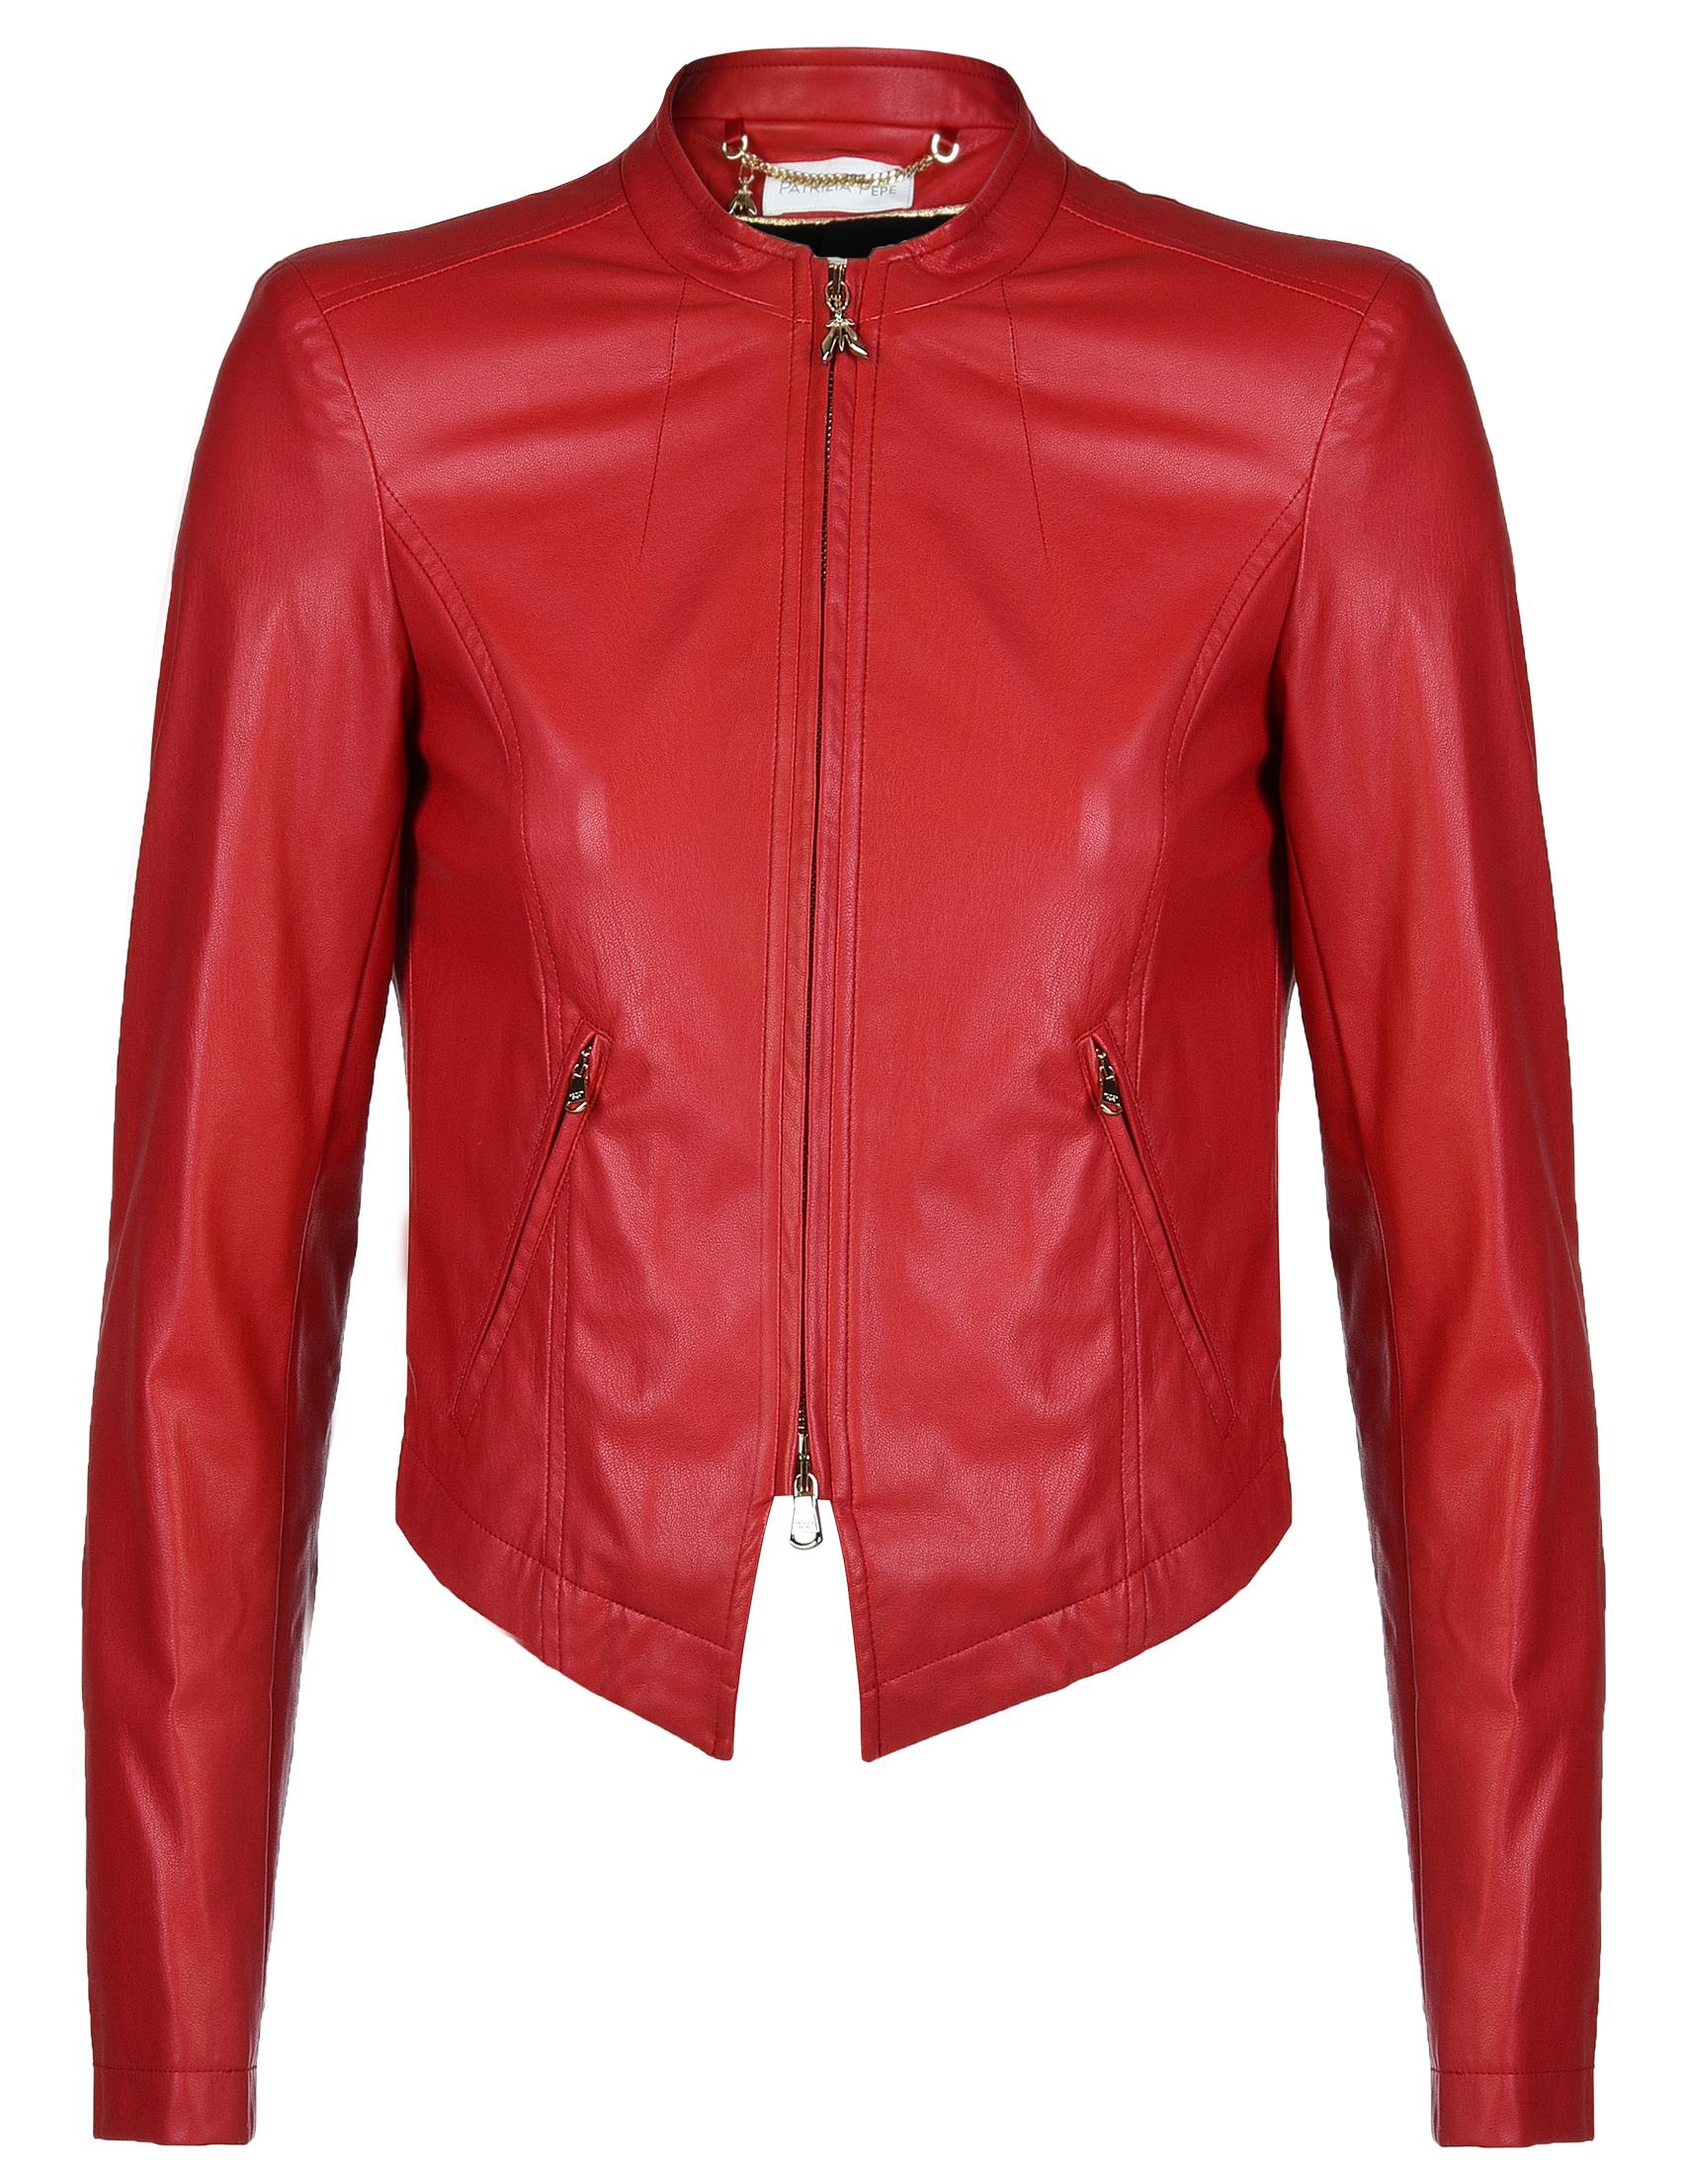 Купить Куртка, PATRIZIA PEPE, Красный, 100%Экокожа, Осень-Зима